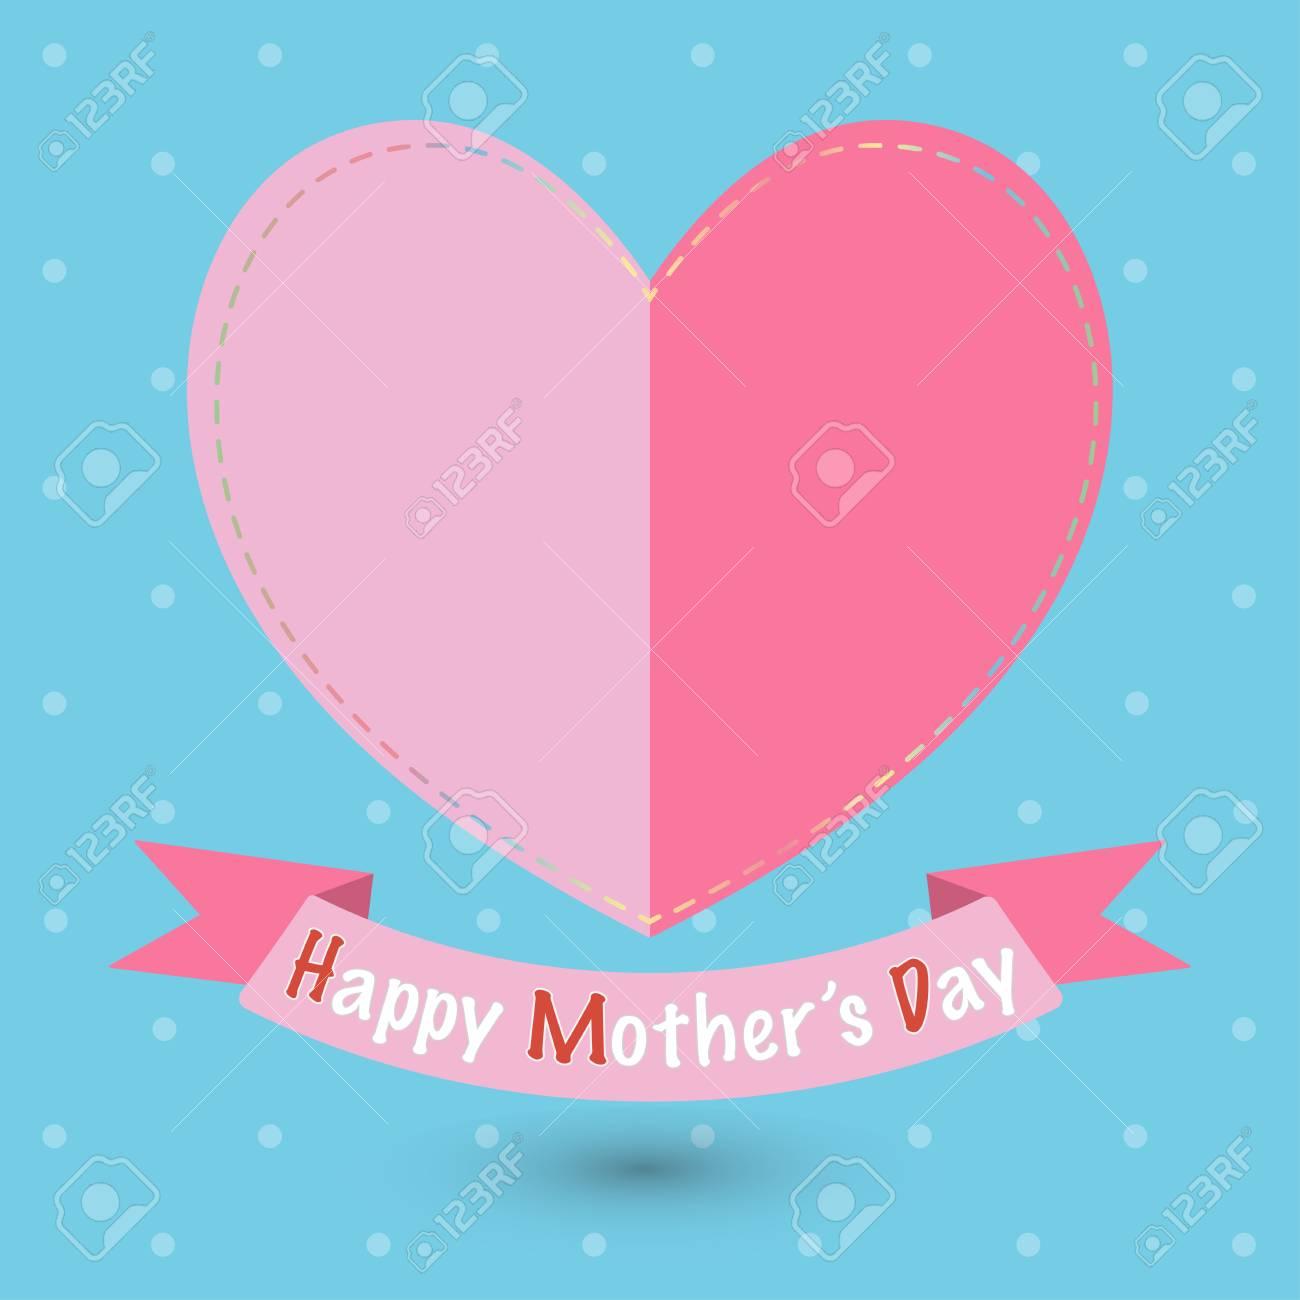 Feliz Día De La Madre Corazones De Papel O Tarjeta De Felicitación Conveniente Para Varios Diseños Invitación Y álbum De Recortes Vector